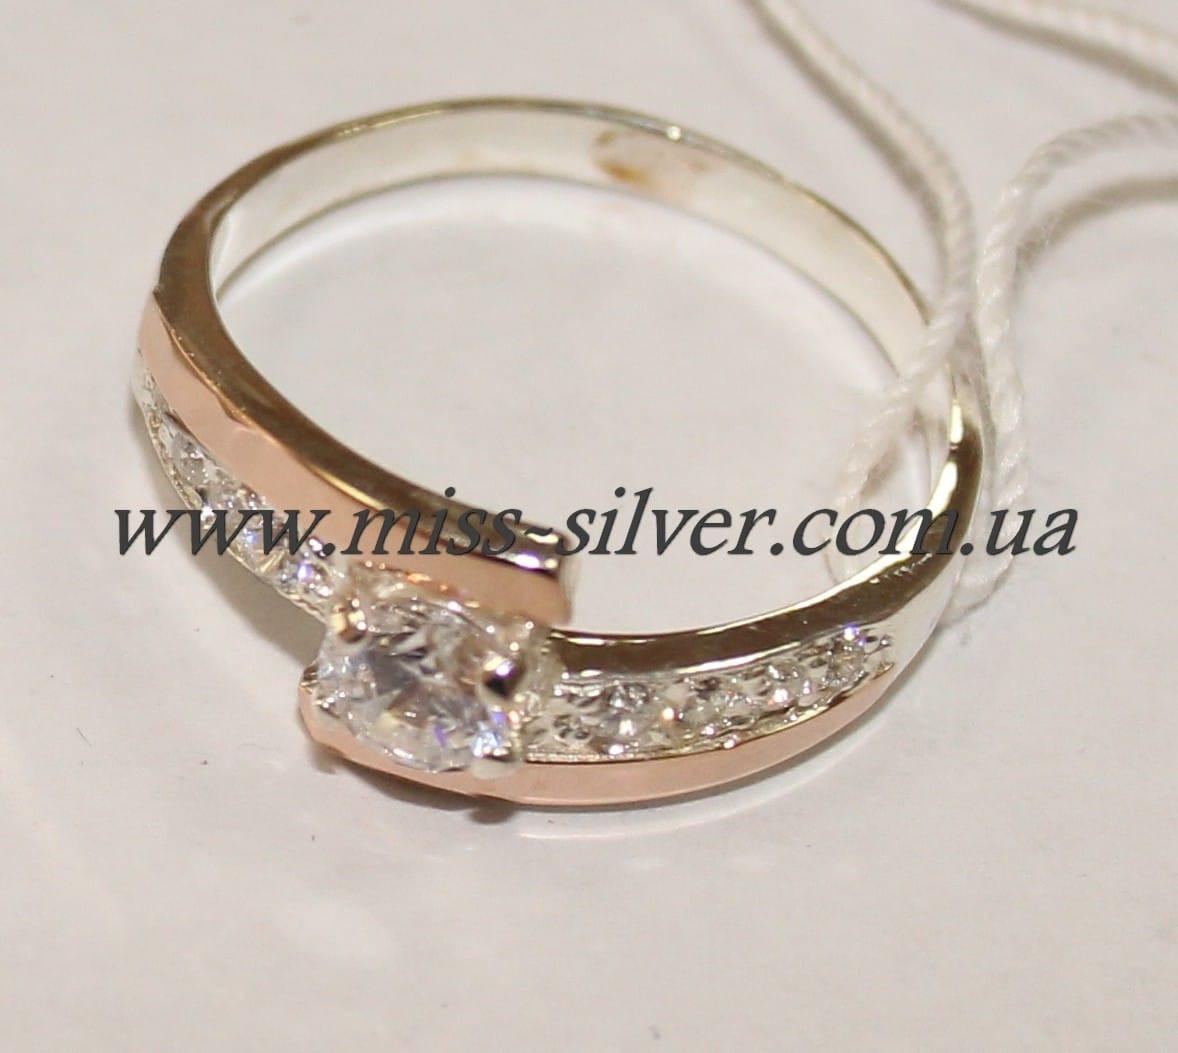 Кольцо серебряное с фианитами Магия